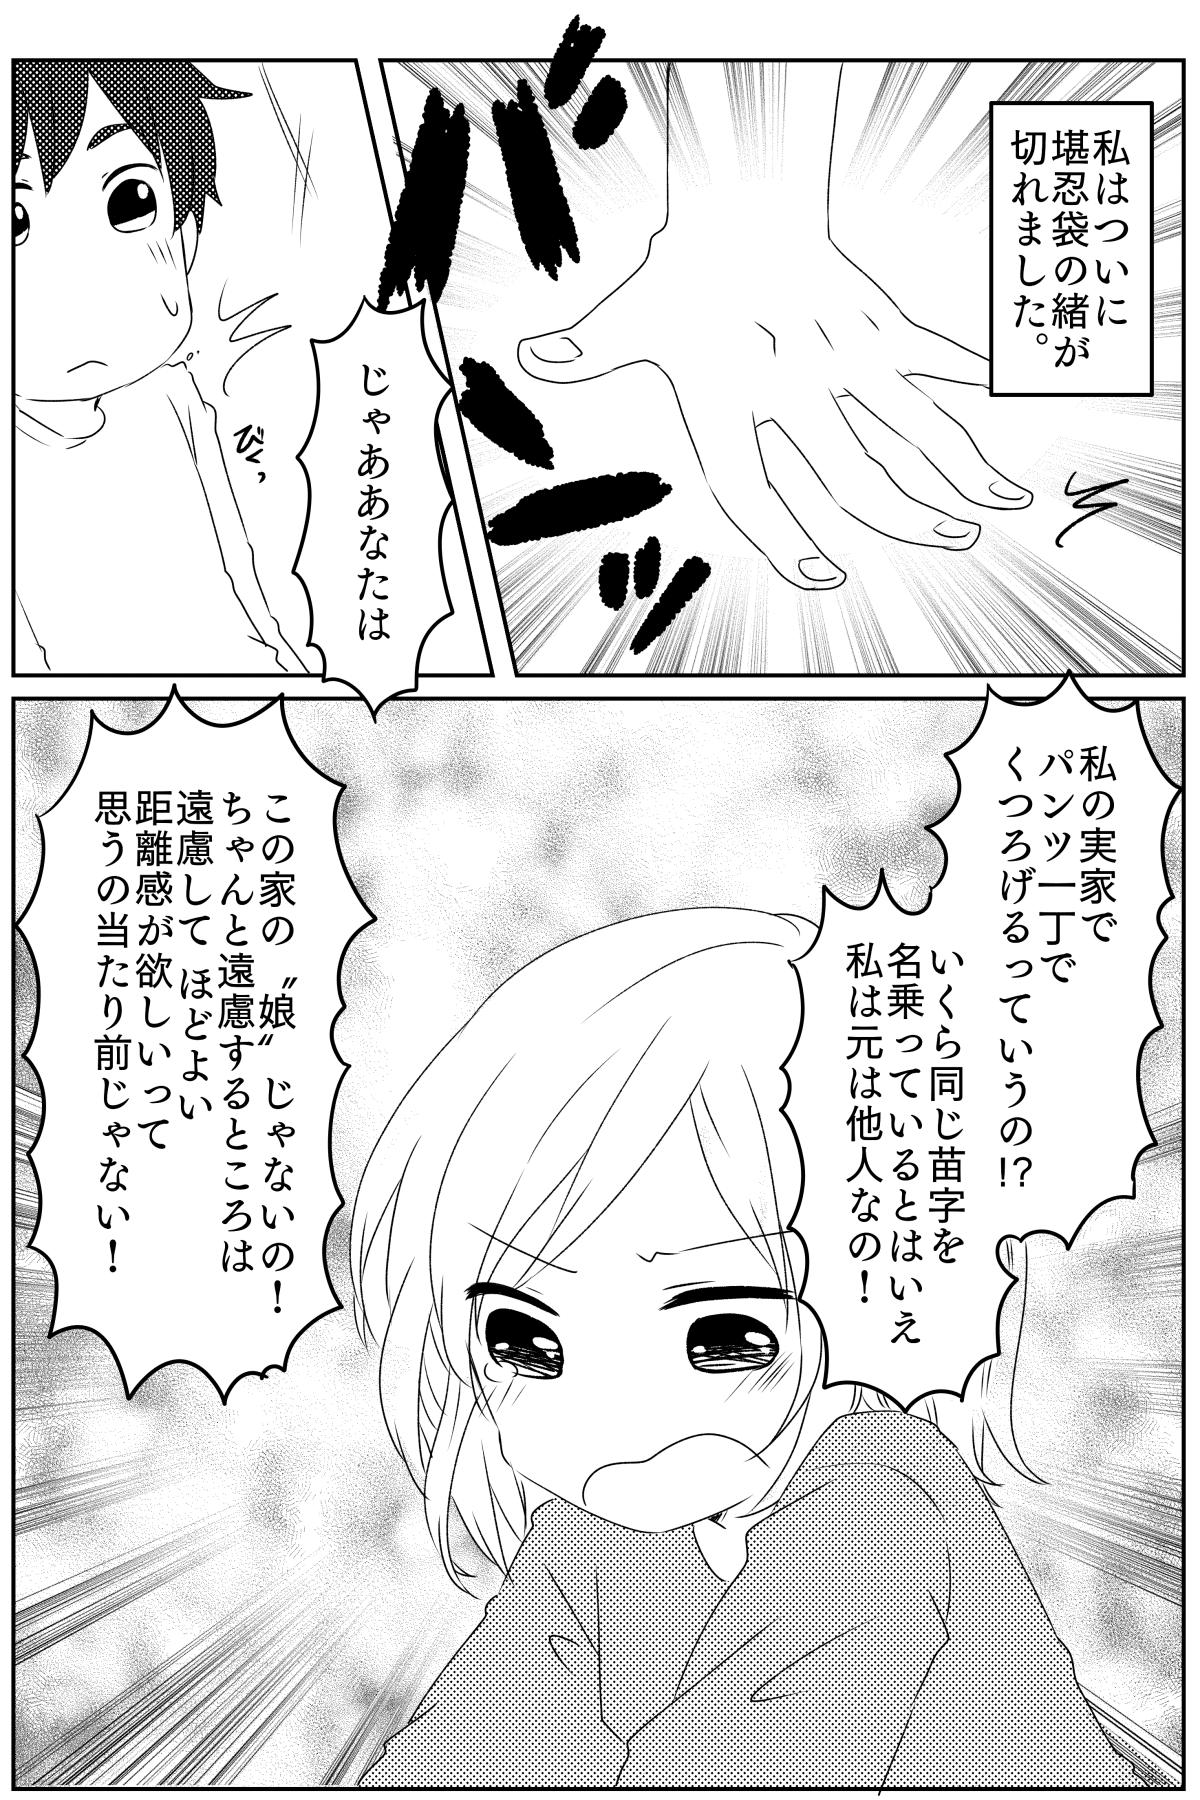 【後編】タダより高いものはない?